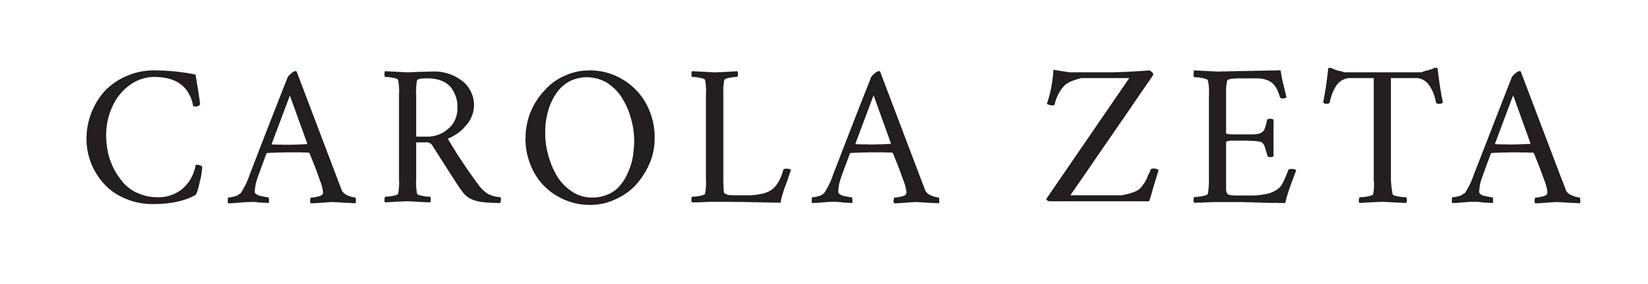 CAROLA ZETA logo